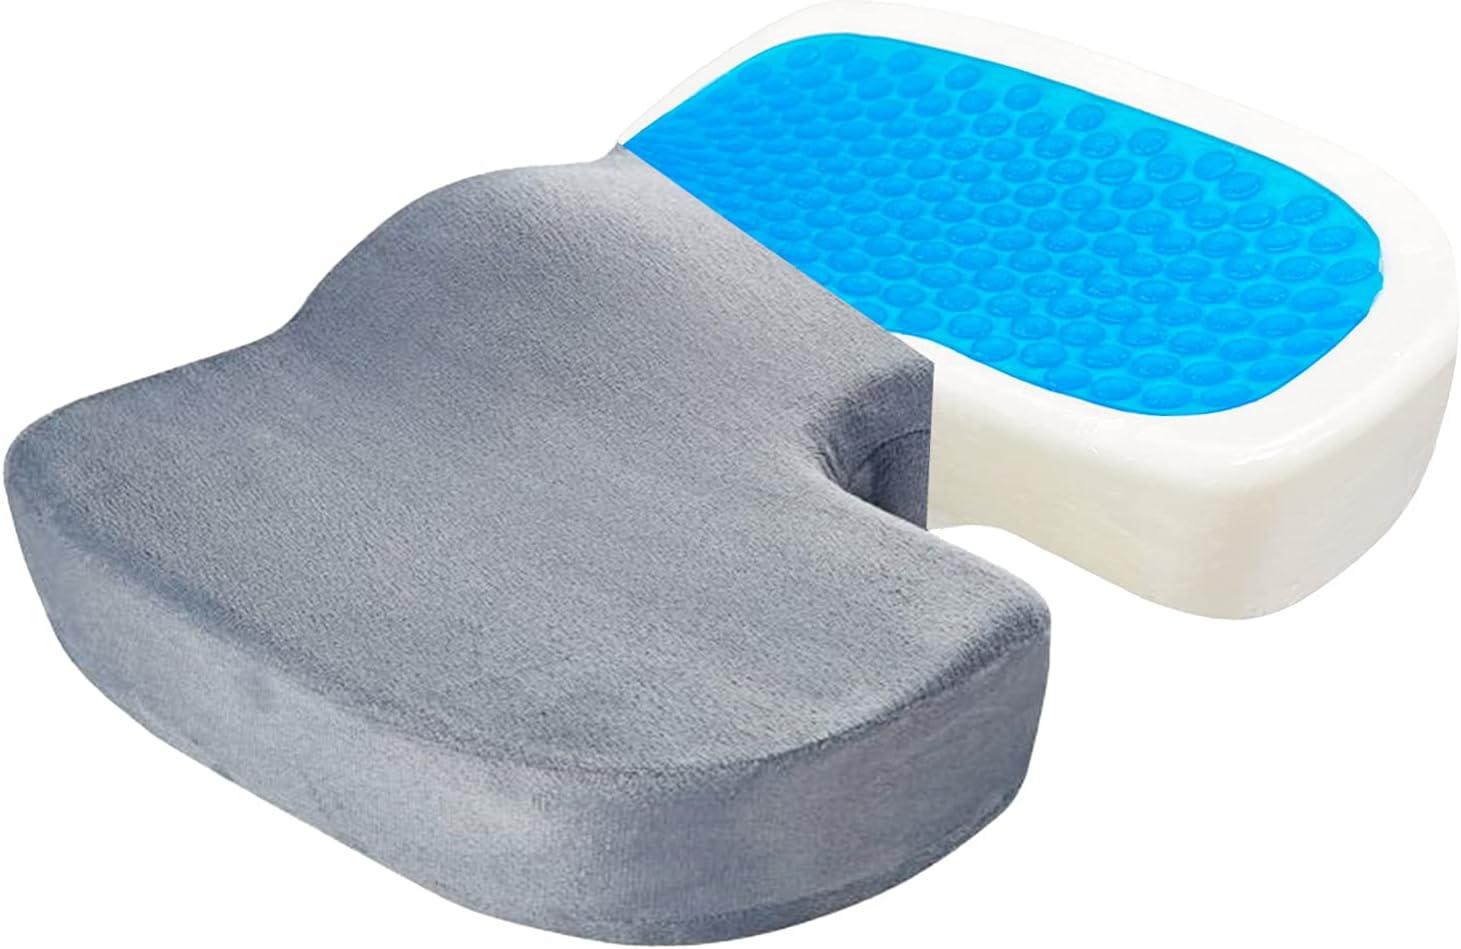 CARPESUN Memory Foam Gel Seat Cushion for Office Chair, Desk Chair, Wheelchair, Car Seat—Sciatica Tailbone Coccyx Lower Back Lumbar Hip Pain Relief Pressure Relief Seat Cushion(Gray)